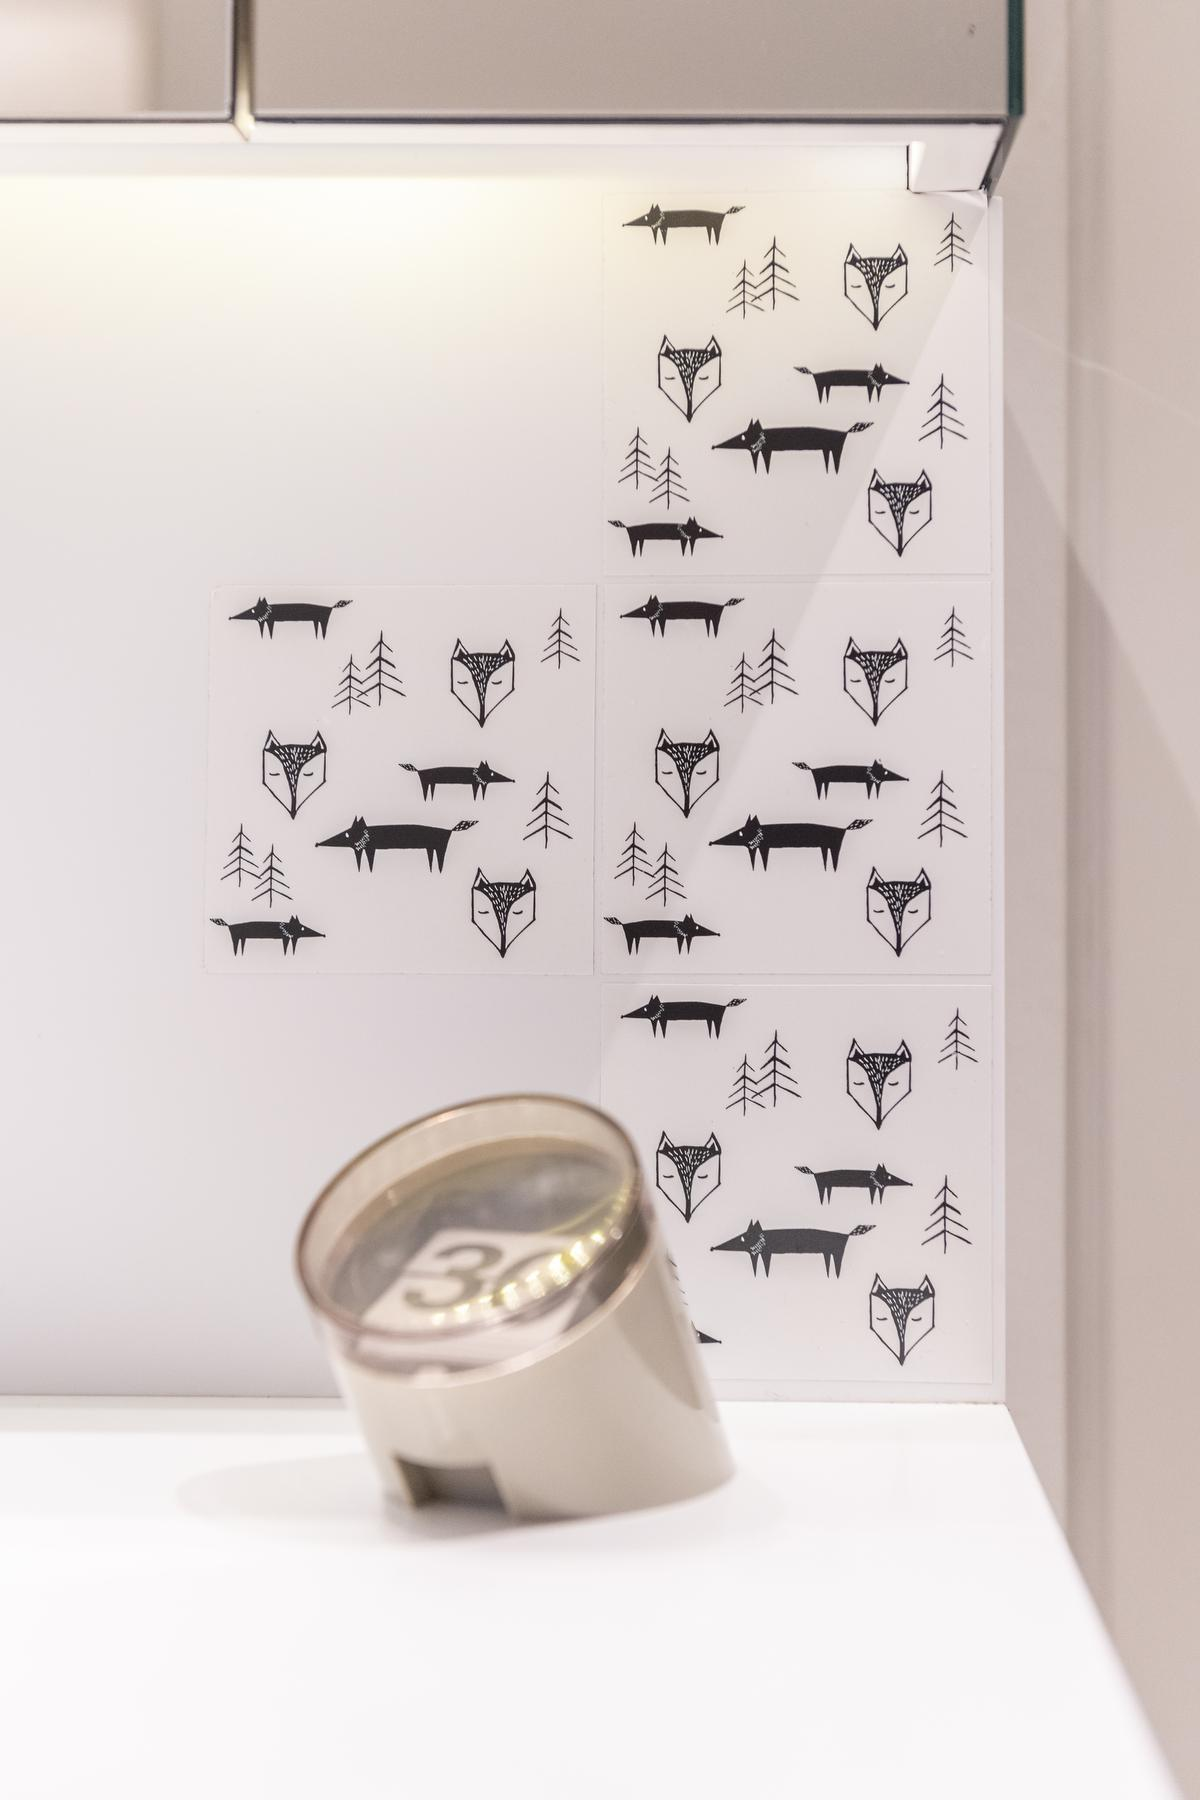 In de badkamer kwamen speelse tegeltjes met vosjes.© Pieter Clicteur